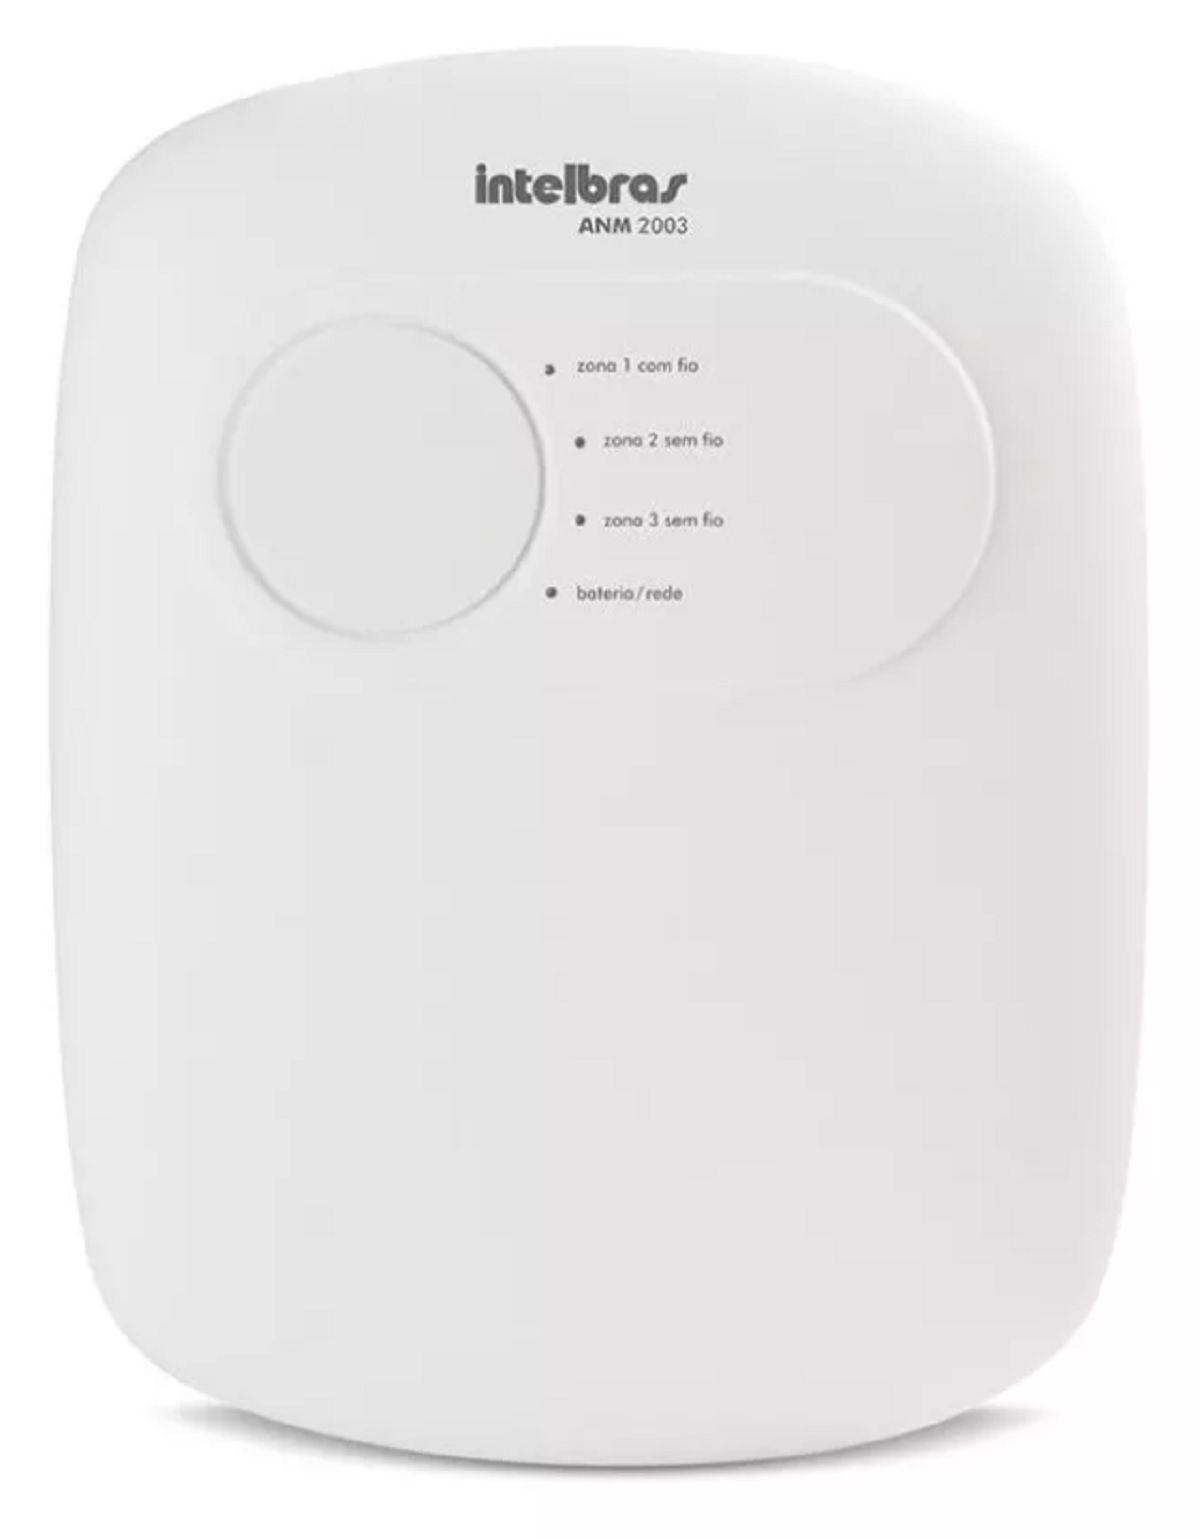 Kit Alarme Intelbras Anm 2003 e 05 Sensores Sem Fio